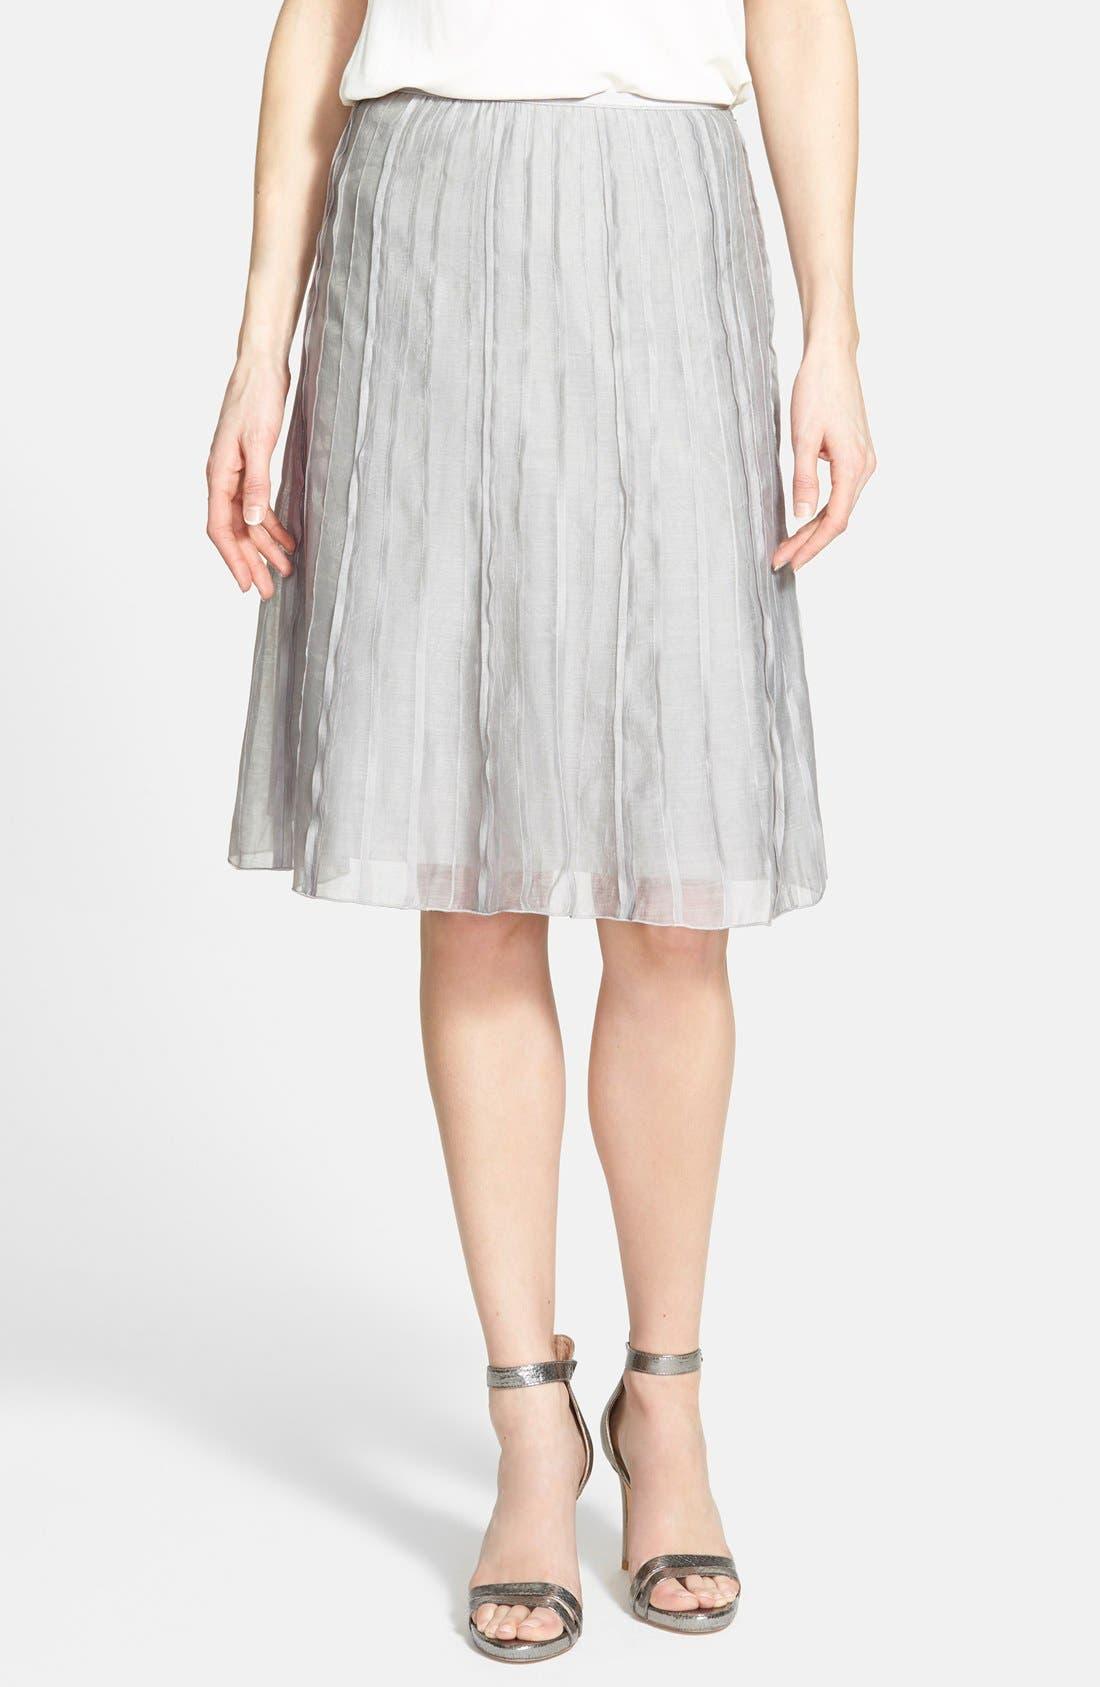 Alternate Image 1 Selected - NIC+ZOE 'Batiste Flirt' Skirt (Regular & Petite)